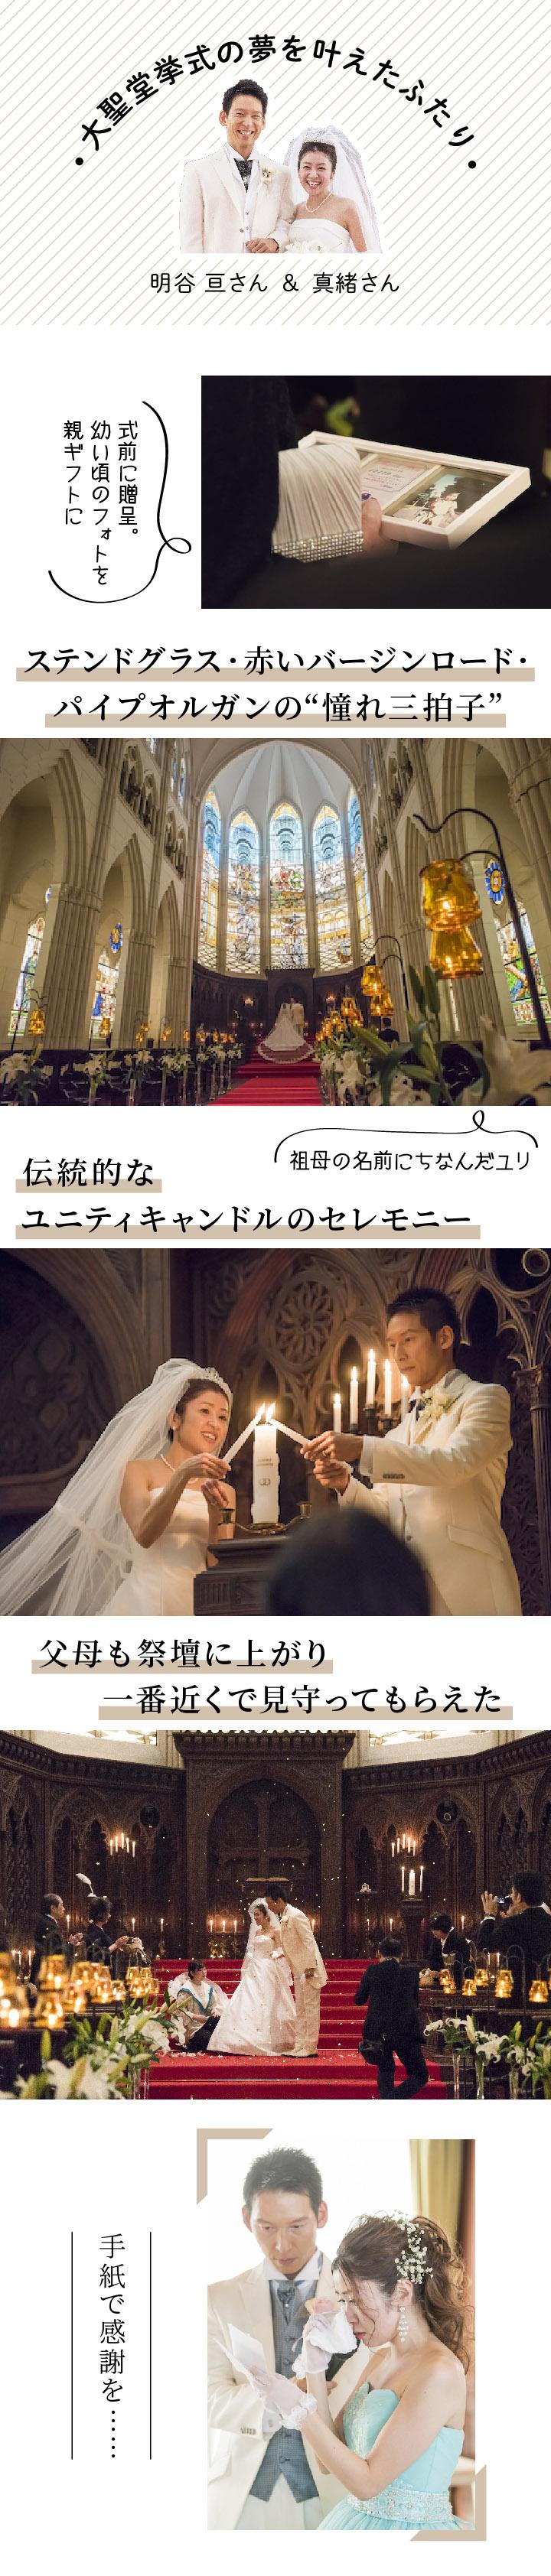 大聖堂でのトラディショナルな結婚式の実例